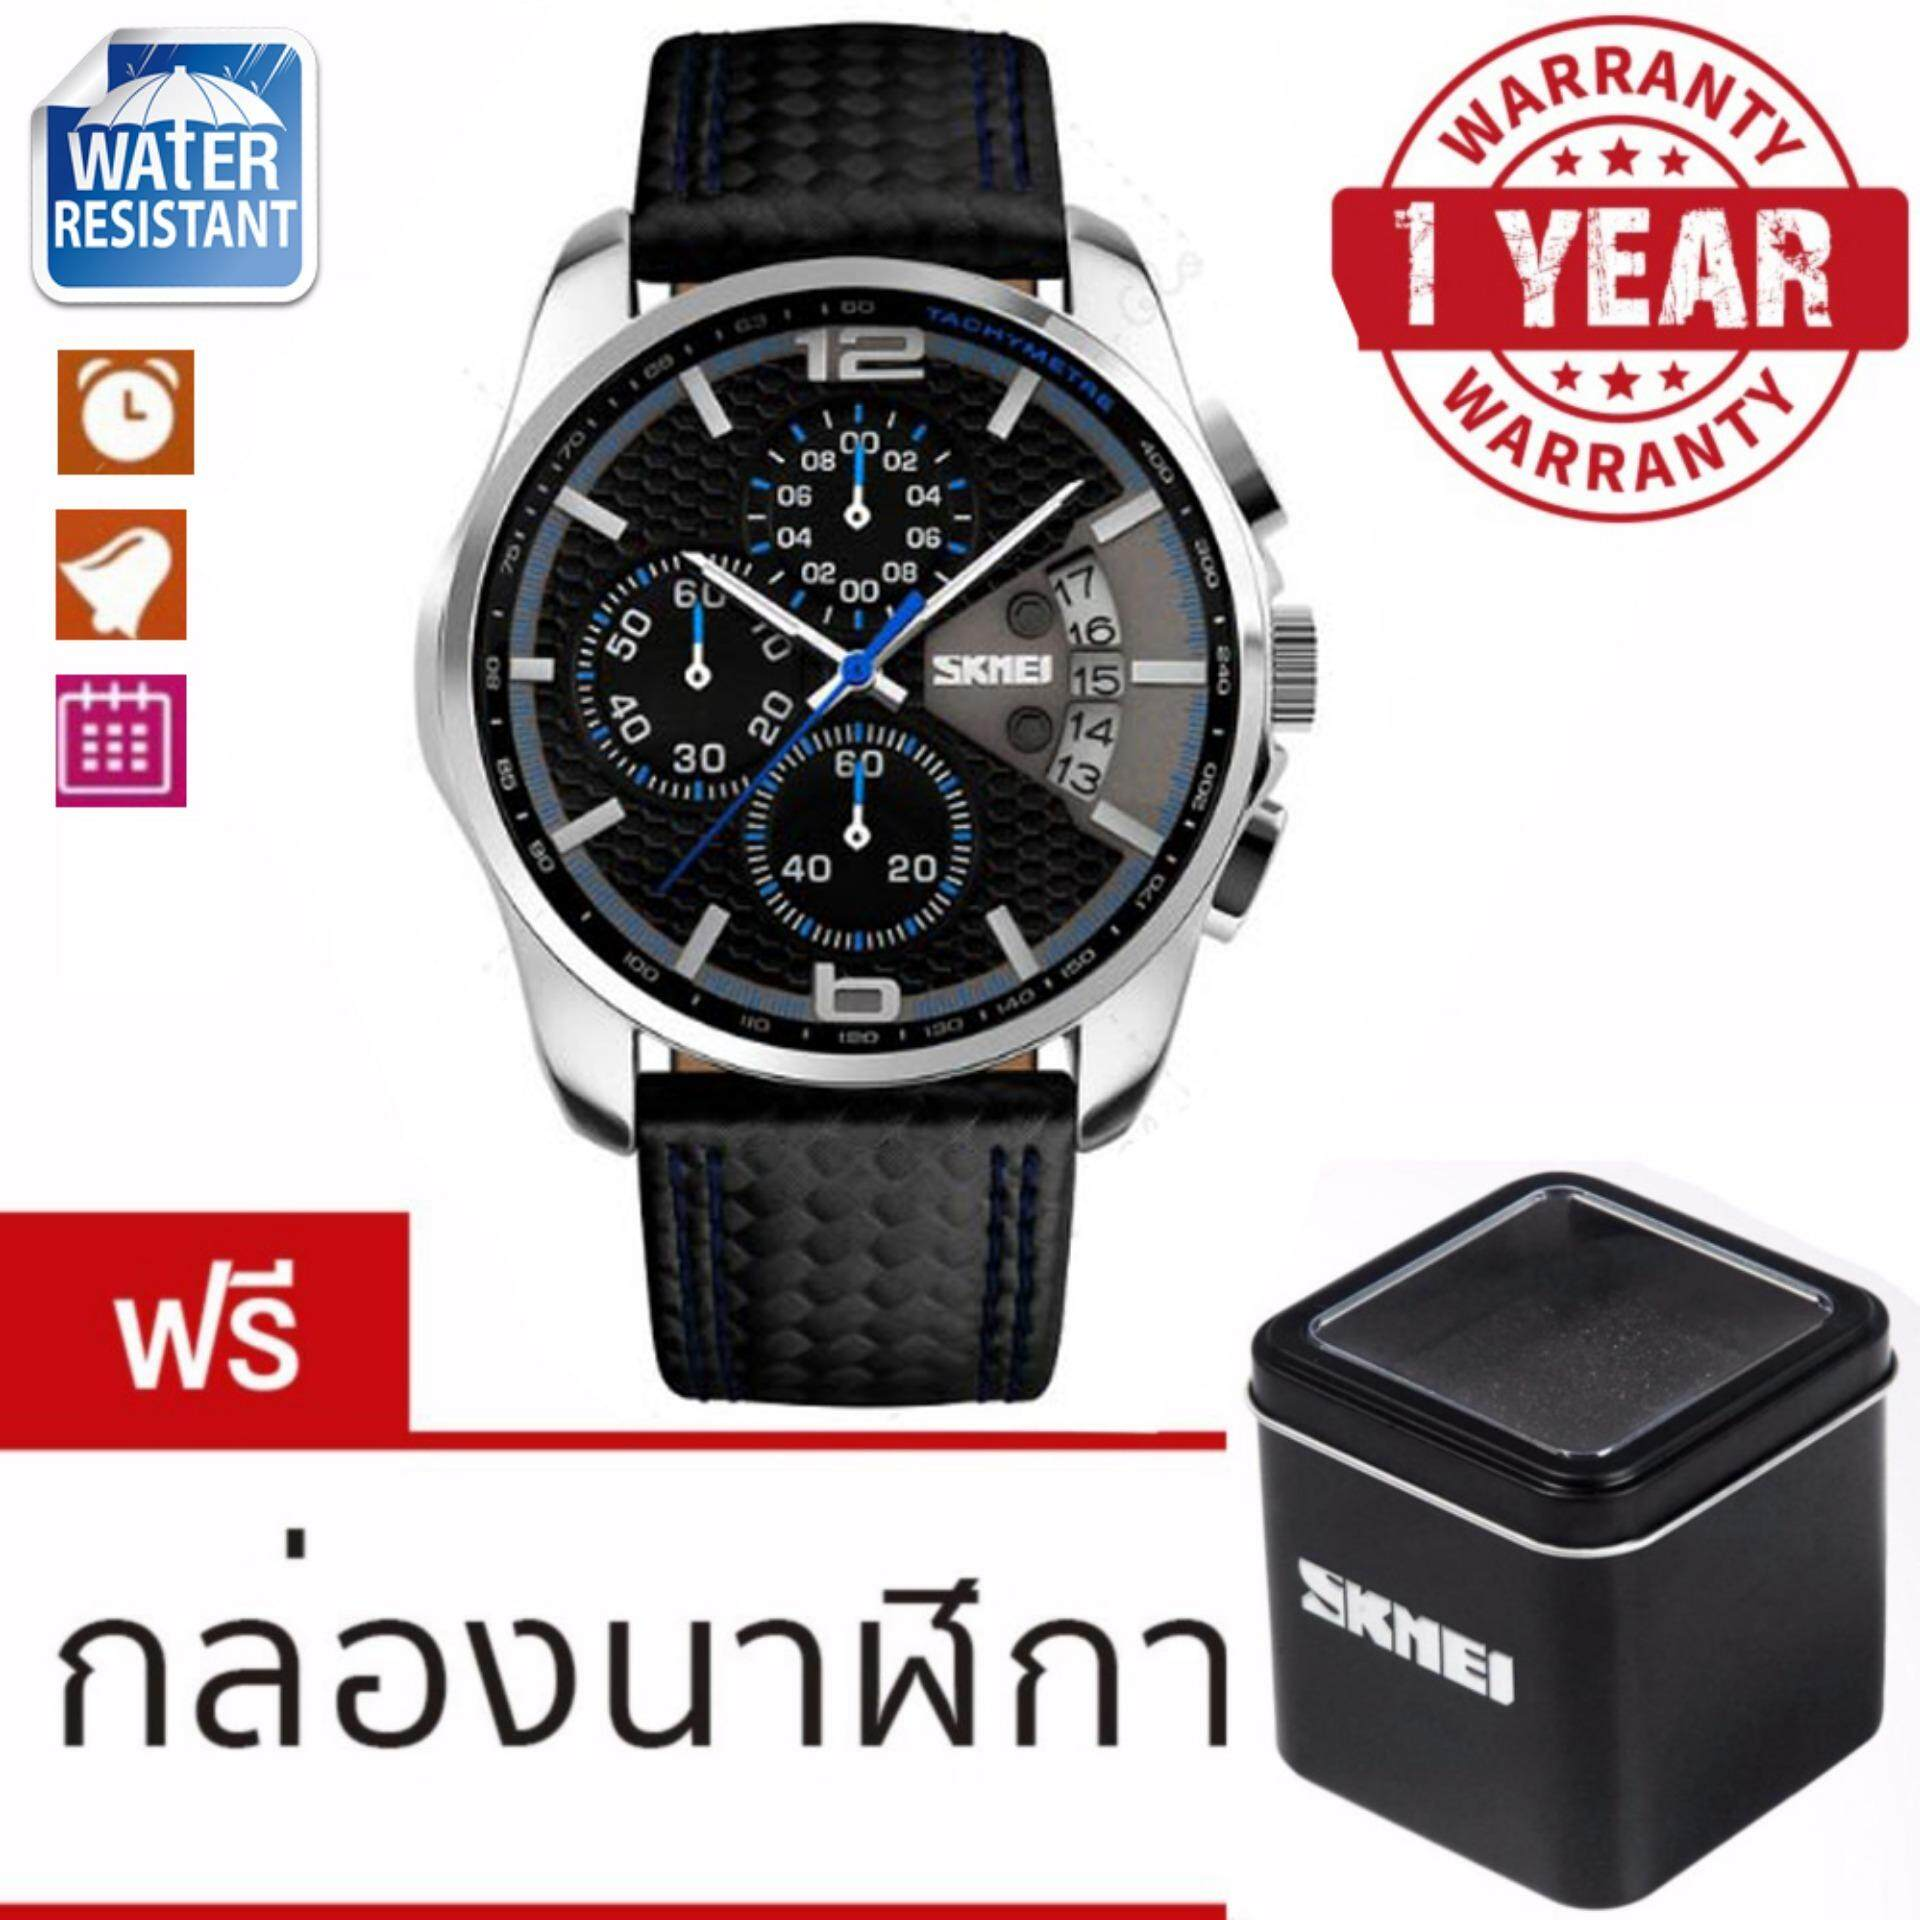 ซื้อ รับประกัน 1 ปี ของแท้แน่นอน Skmei นาฬิกาข้อมือผู้ชาย สไตล์ Sport Watch ดูวันที่ หน้าปัดด้านในใช้งานได้จริง กันน้ำ สายหนังสีดำ รุ่น Sk 9106 สีน้ำเงิน Blue ออนไลน์